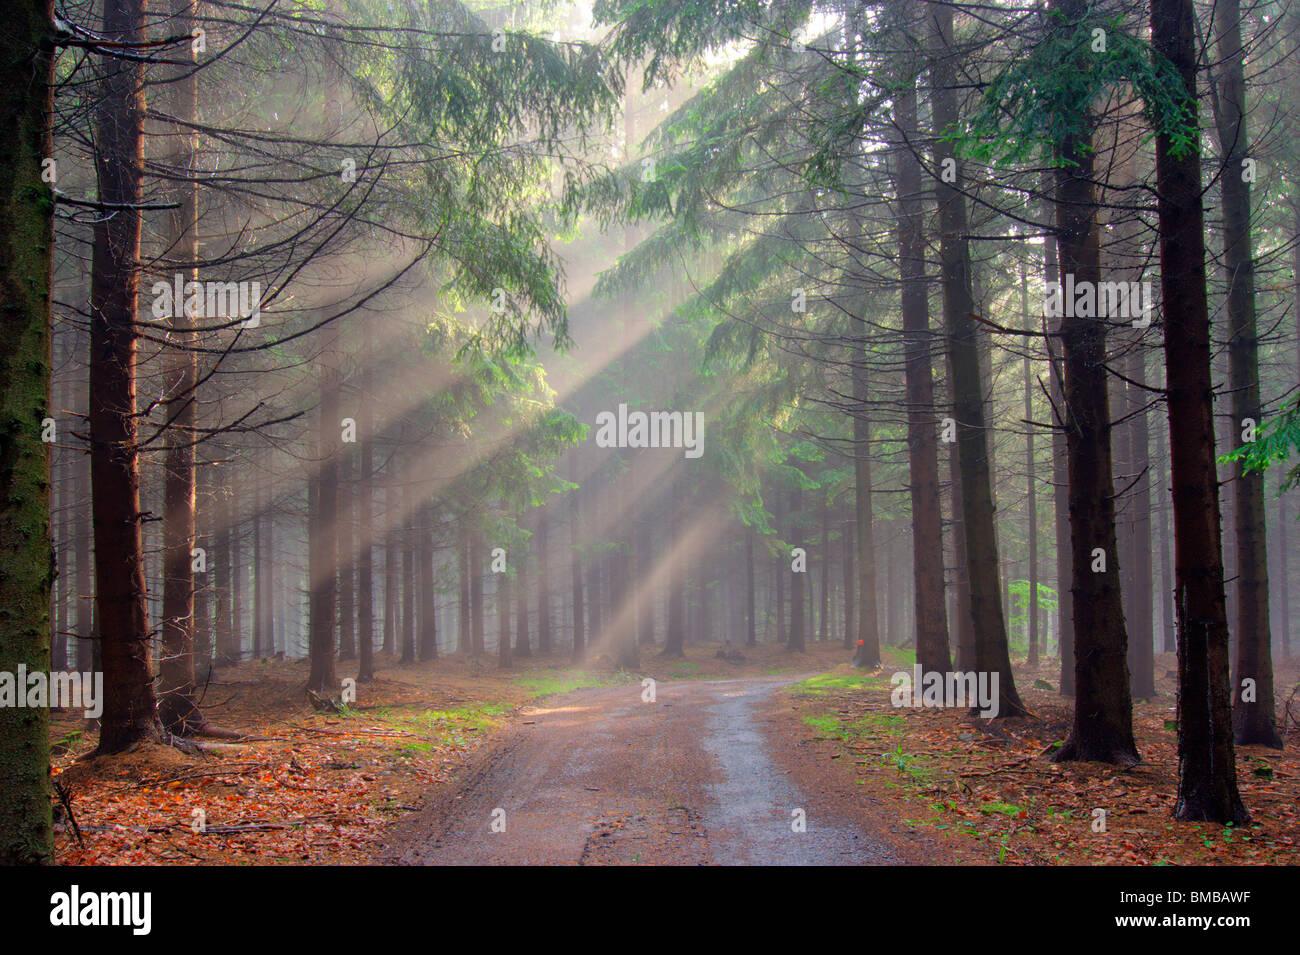 Dieu chevrons - forêt de sapins dans la brume matinale Photo Stock